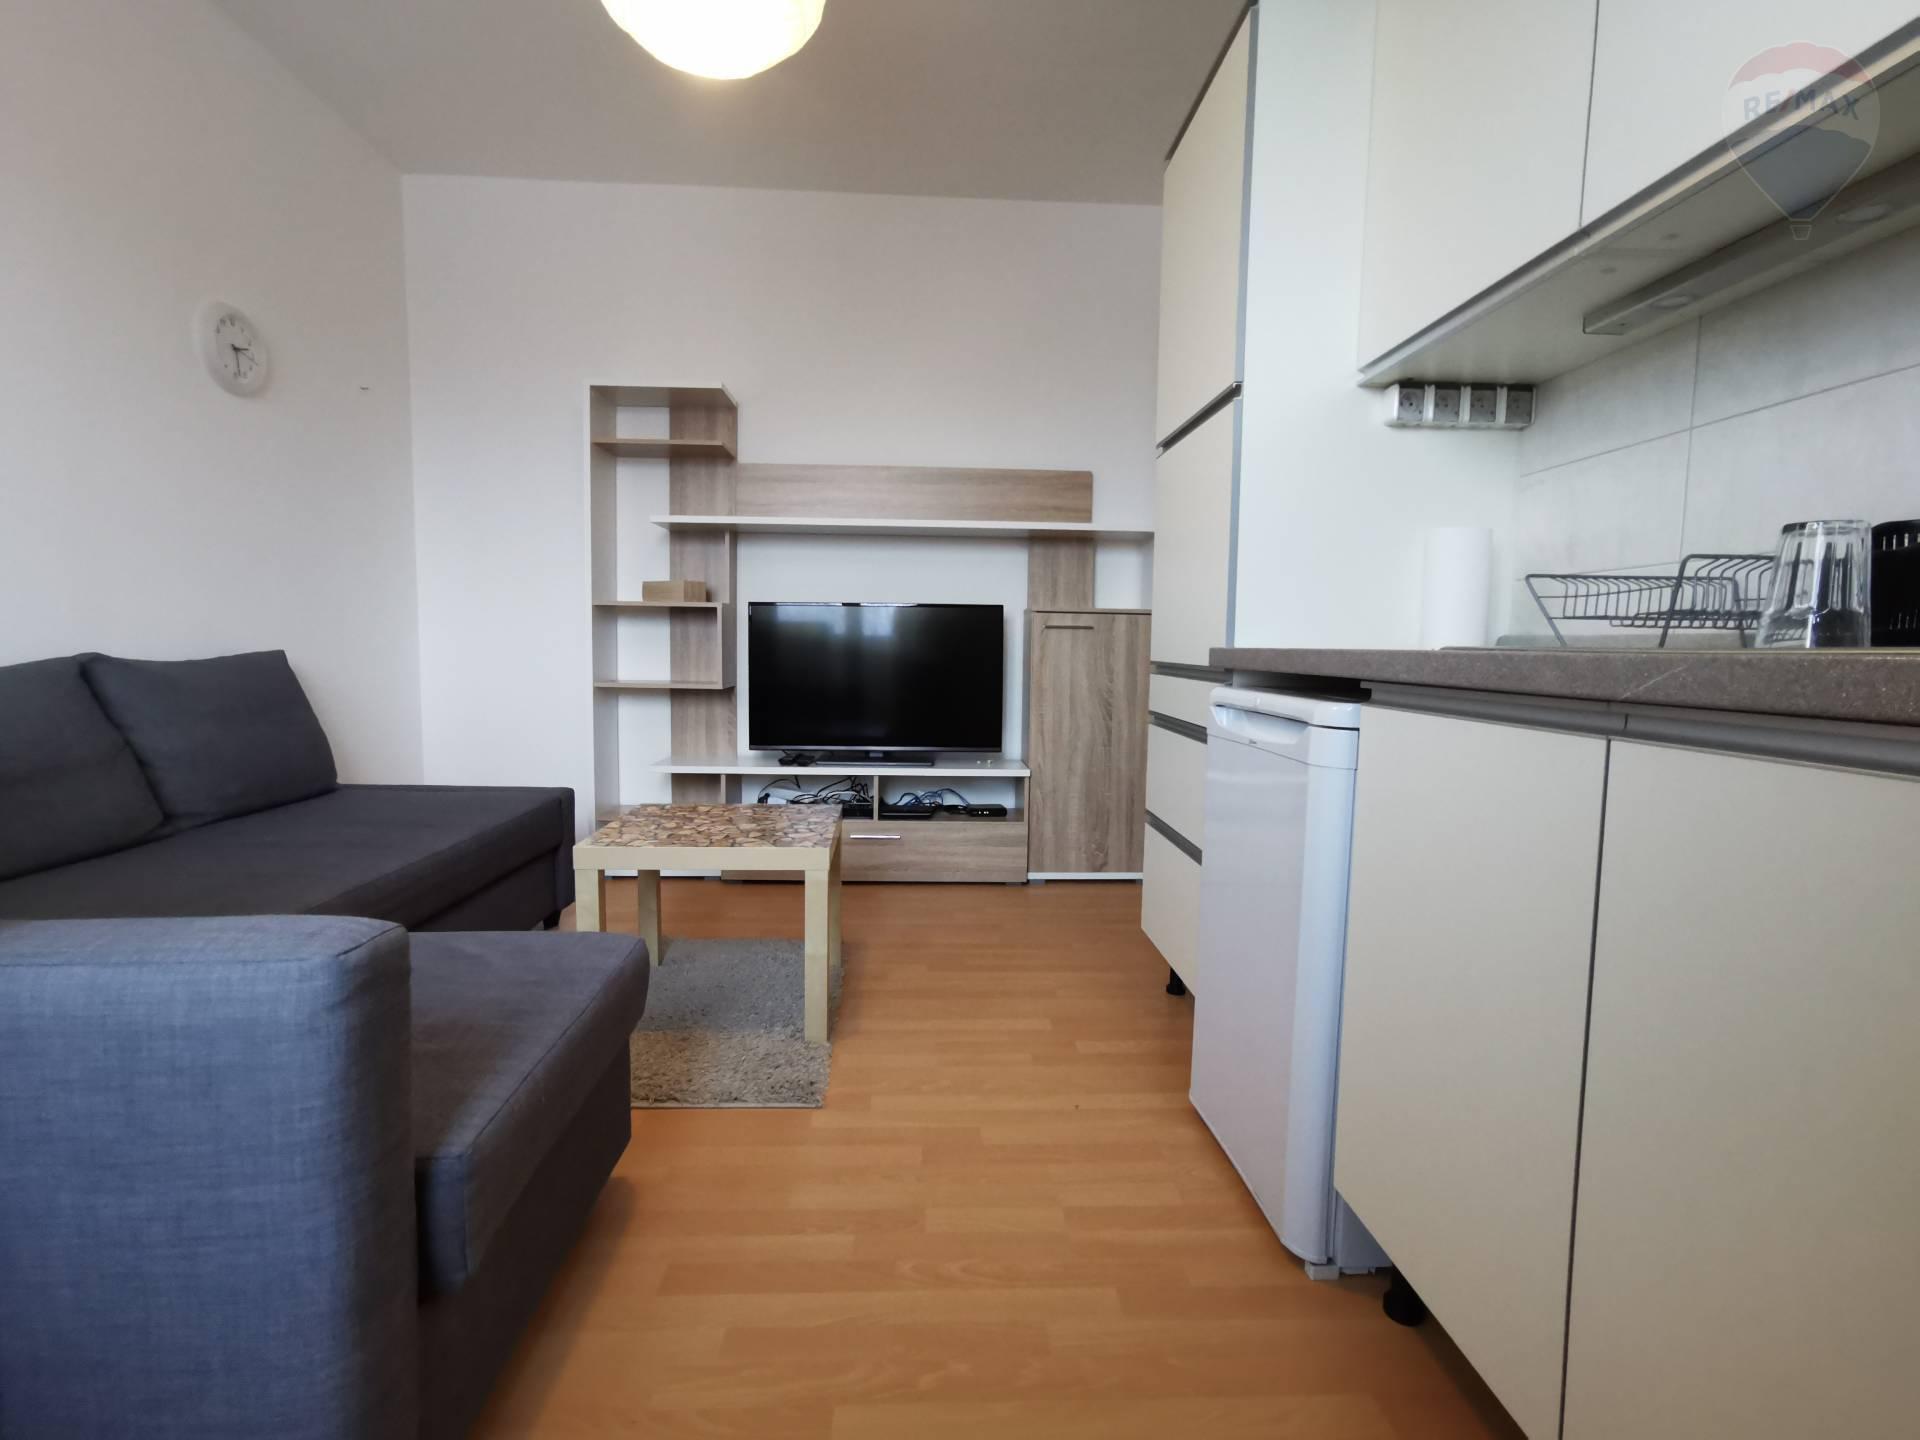 Prenájom menšieho 2 izb. bytu v tehlovej nadsavbe na Hubeného ulici